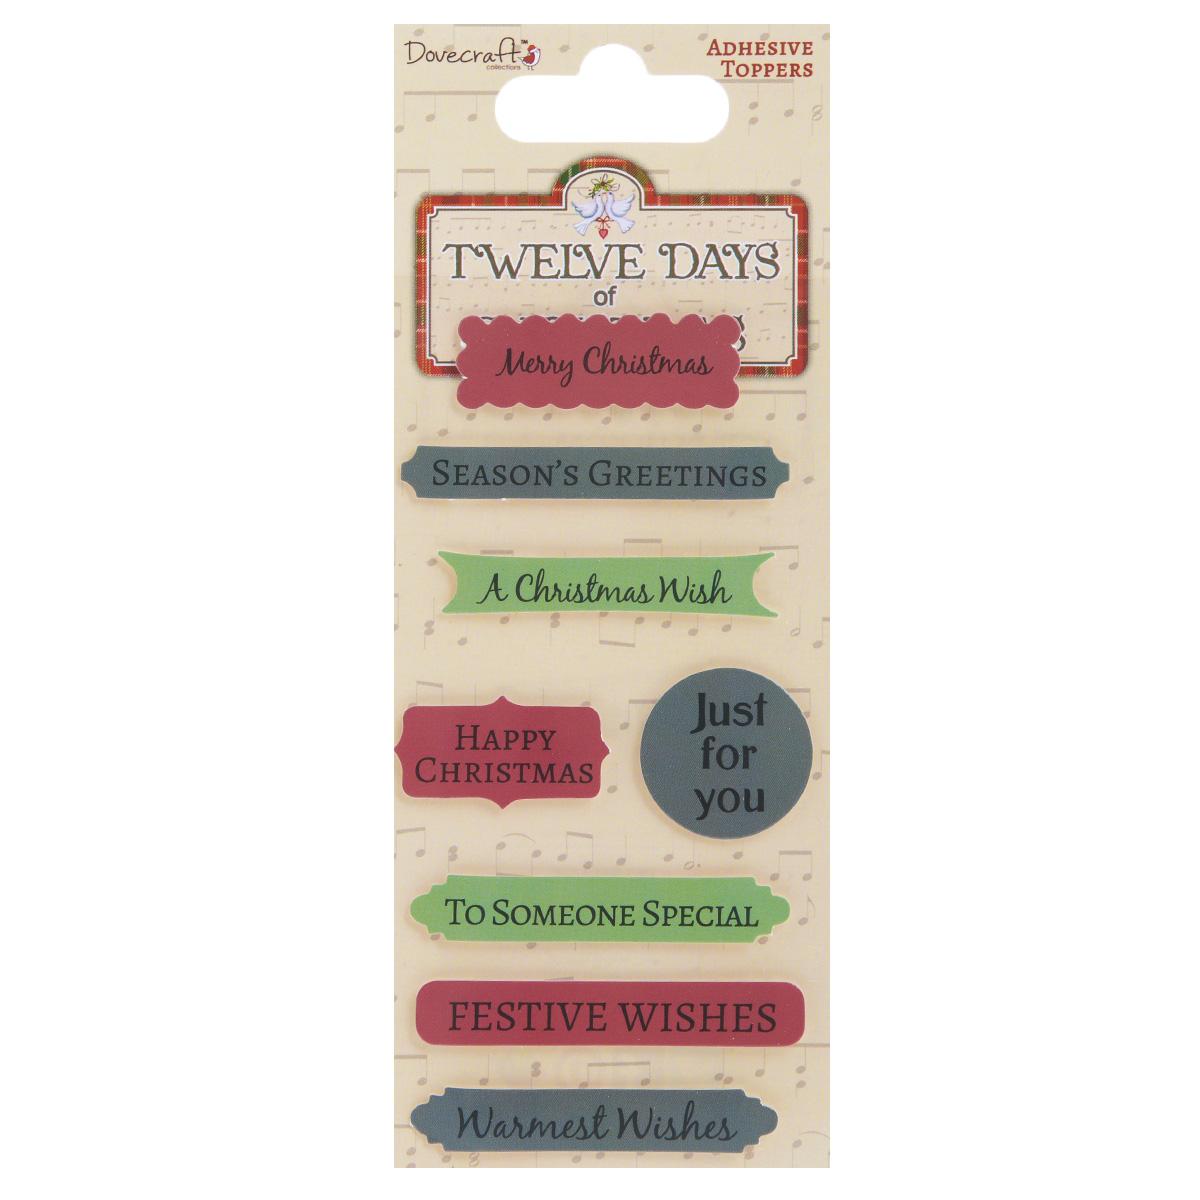 Стикеры фразы Dovecraft 12 Days of Christmas, 8 штDCXST10Стикеры фразы Dovecraft 12 Days of Christmas, выполненные из бумаги, прекрасно подойдут для оформления творческих работ в технике скрапбукинг. Их можно использовать для украшения фотоальбомов, скрап-страничек, подарков, конвертов, фоторамок, открыток и многого другого. Стикеры выполнены в виде наклеек с фразами. Задняя сторона клейкая. В наборе - 8 стикеров. Каждый стикер имеет свой оригинальный дизайн. Скрапбукинг - это хобби, которое способно приносить массу приятных эмоций не только человеку, который этим занимается, но и его близким, друзьям, родным. Это невероятно увлекательное занятие, которое поможет вам сохранить наиболее памятные и яркие моменты вашей жизни, а также интересно оформить интерьер дома. Размер наибольшего стикера: 6 см х 1 см. >